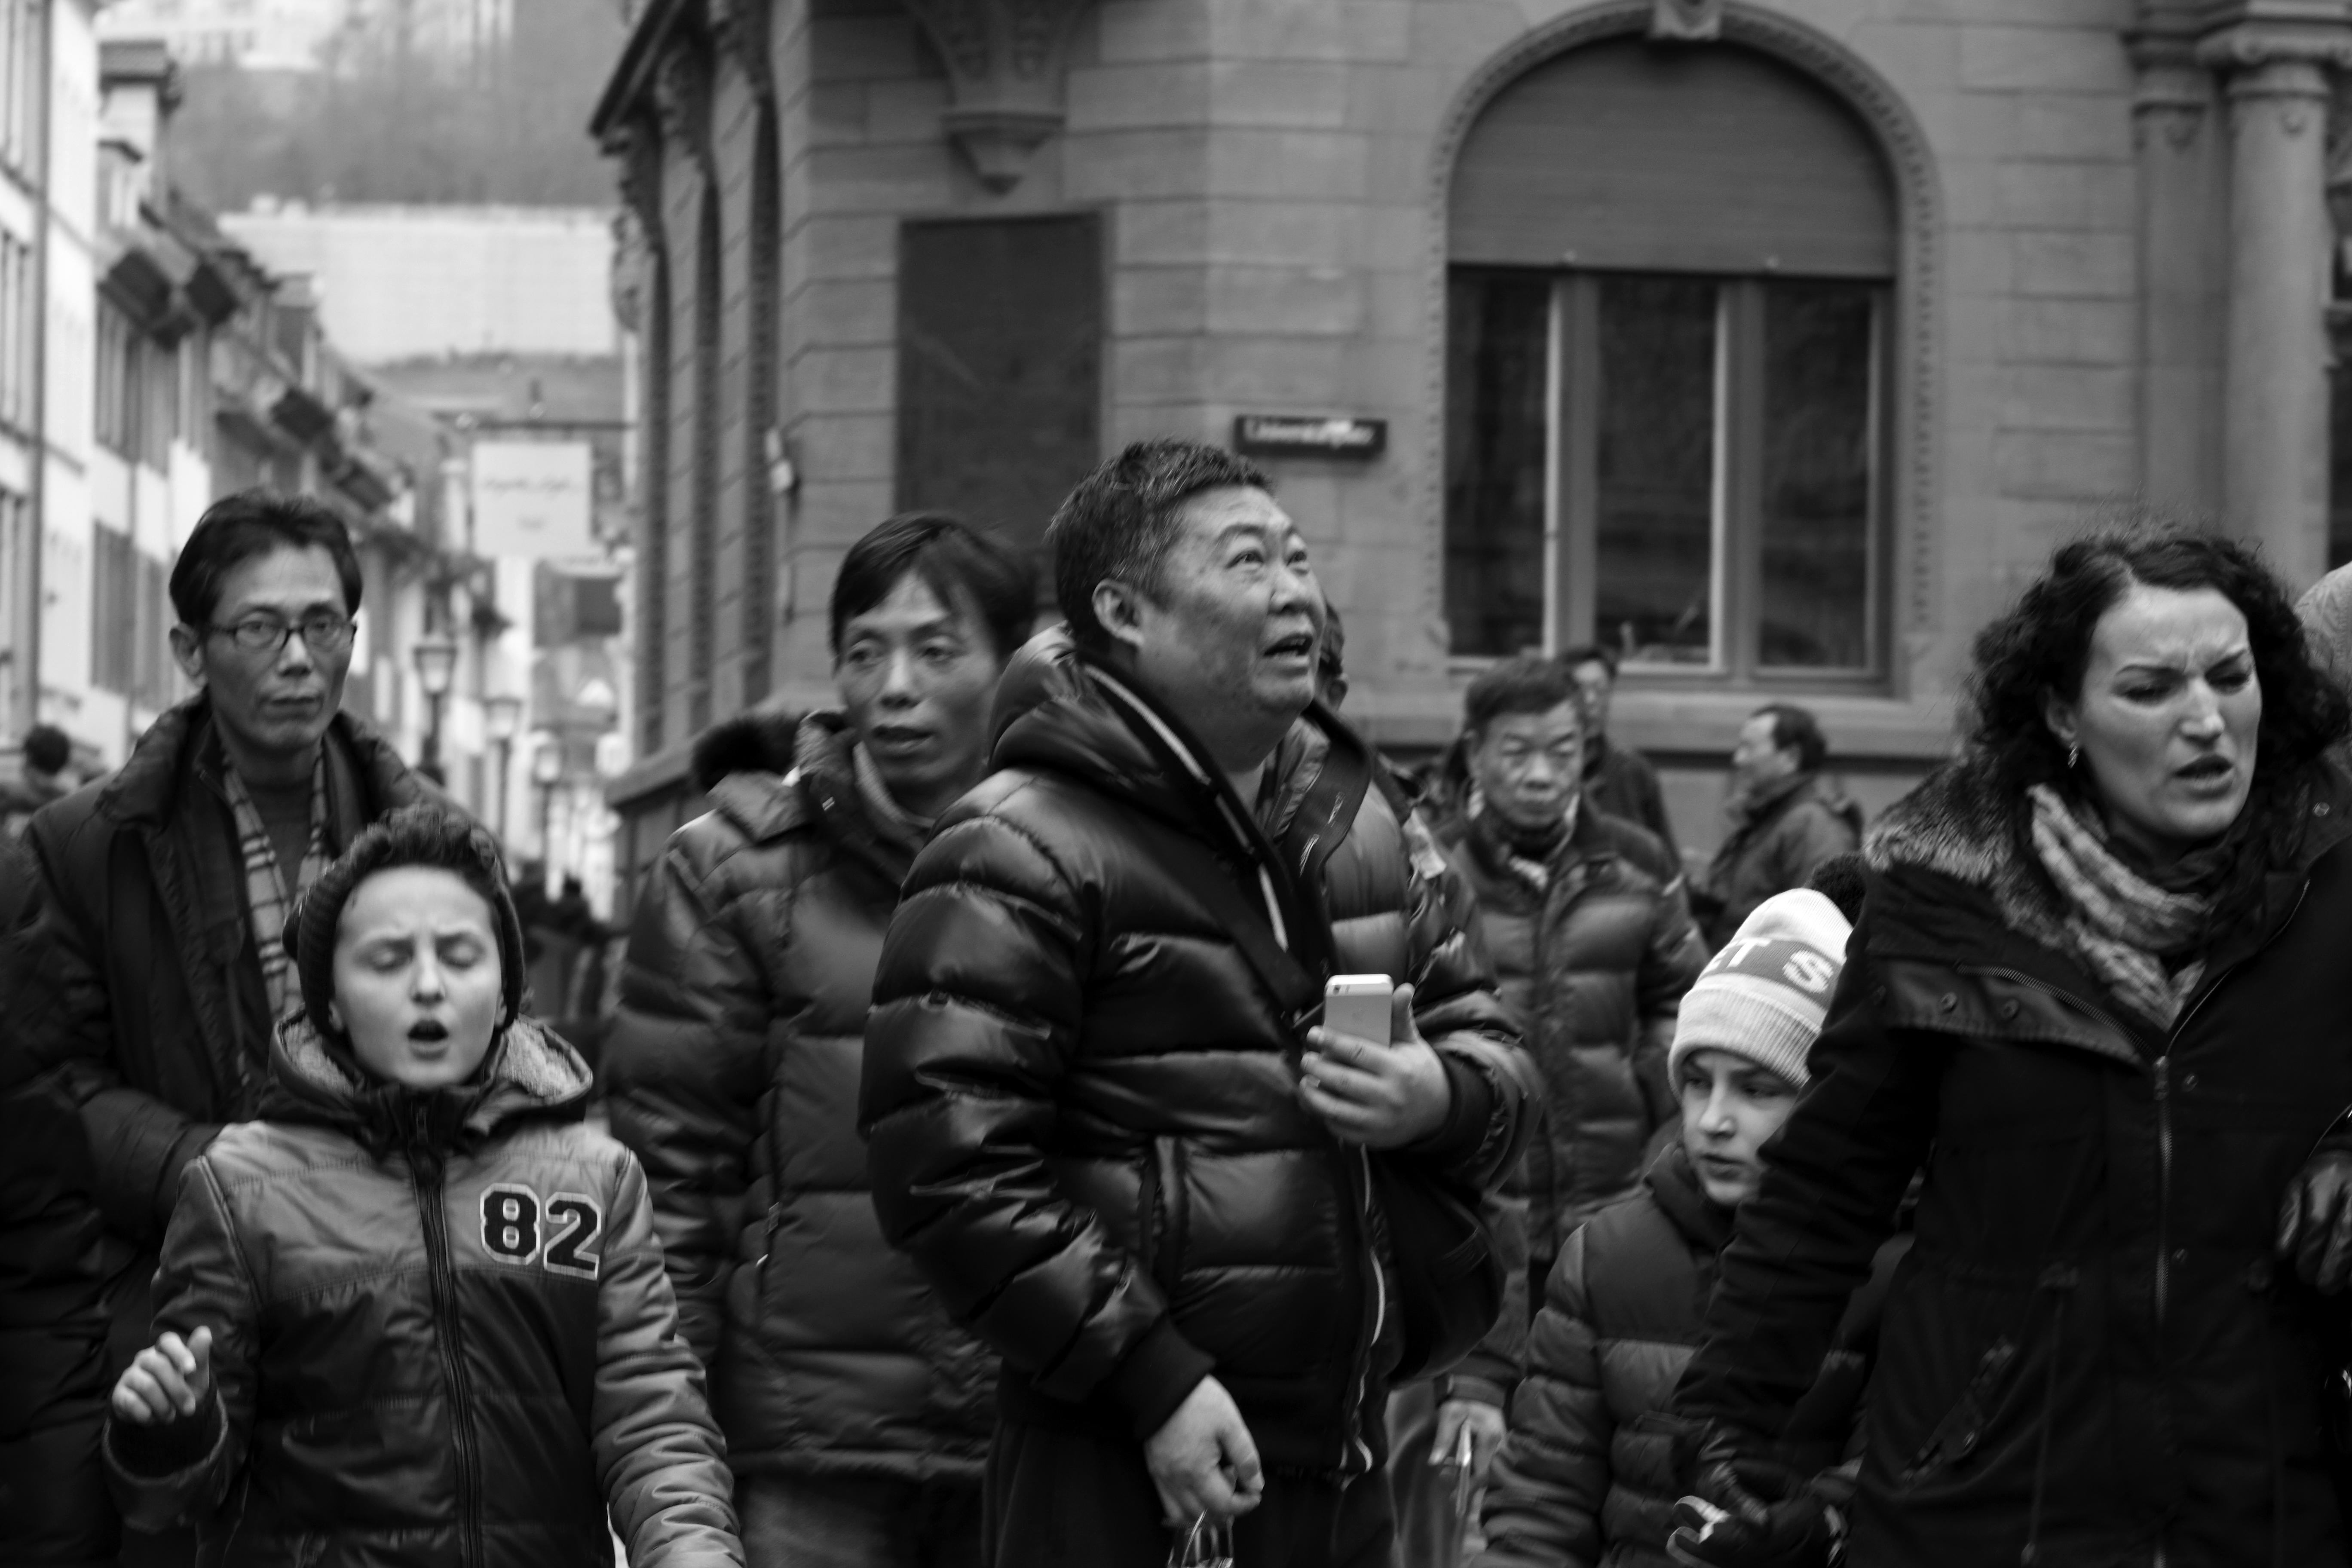 Fotografie Heidelberg kostenlose foto fußgänger schwarz und weiß menschen menge